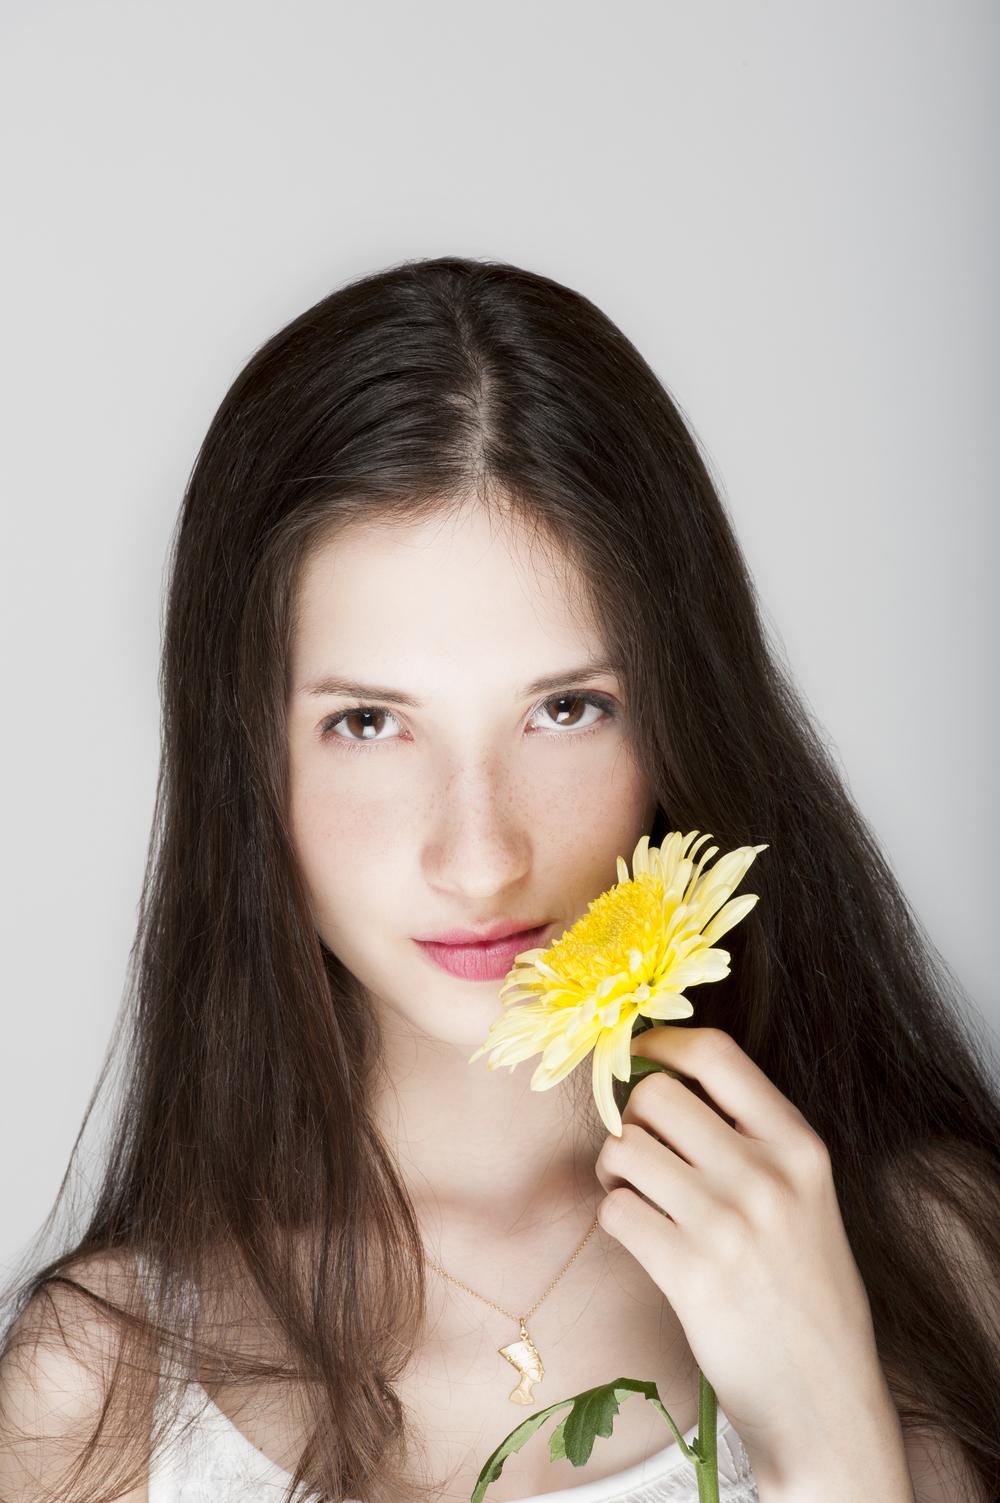 Flower+Portrait+2.jpg